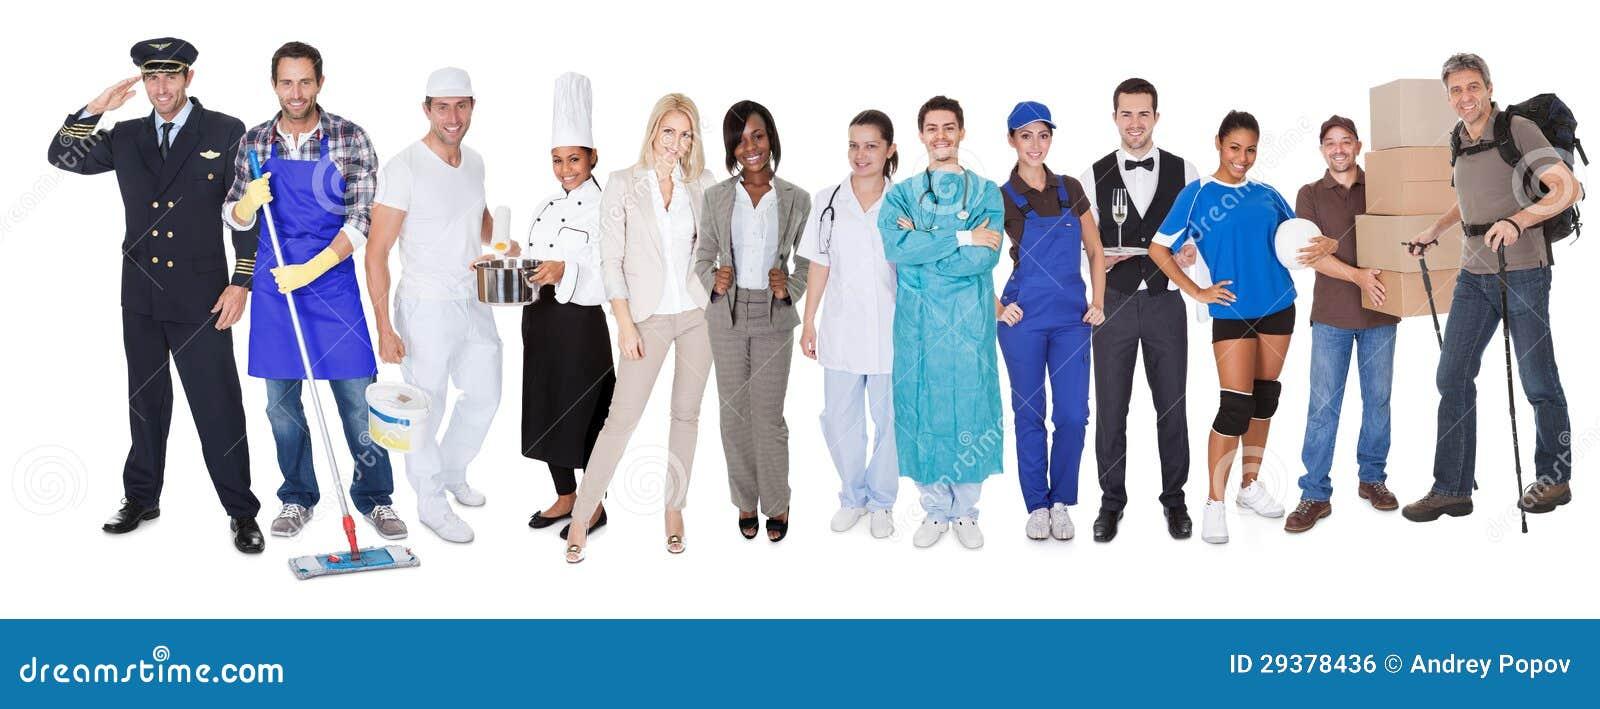 Gruppo di persone che rappresentano le diverse professioni